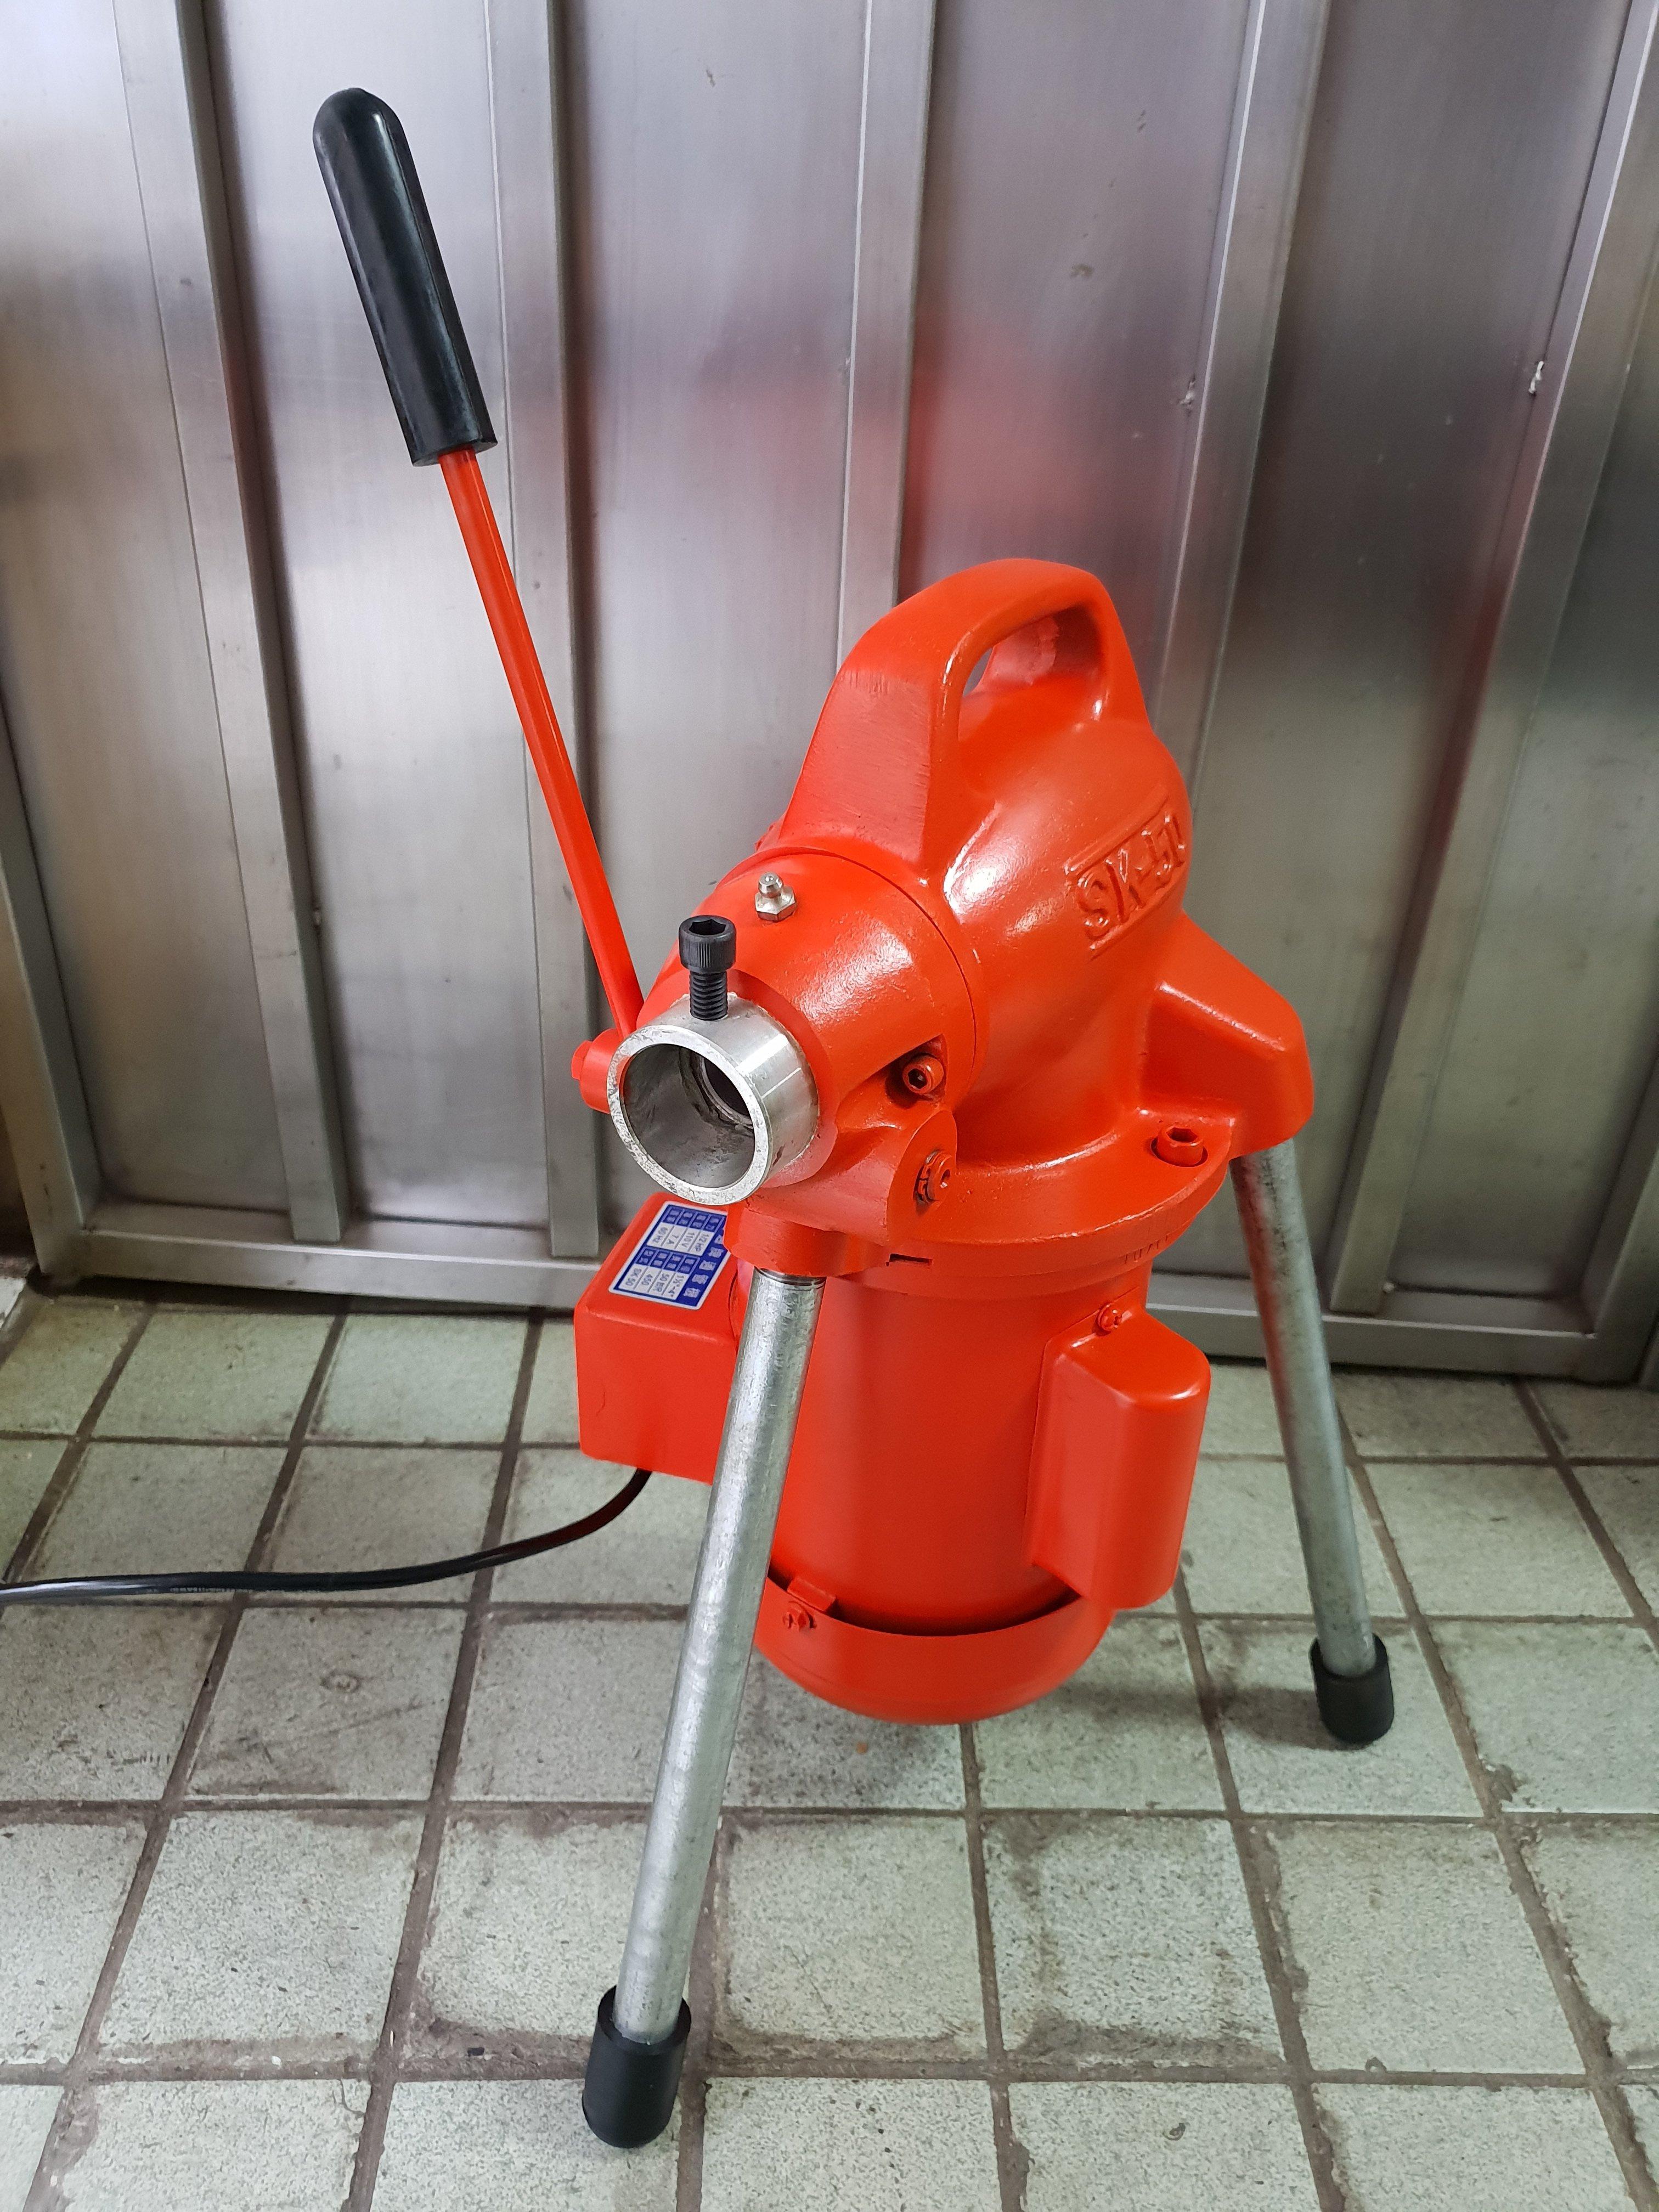 ╭☆優質五金☆╮台通牌電動通管機附通管套件大全套全配居家水管廚房阻塞可通~比川方耐超